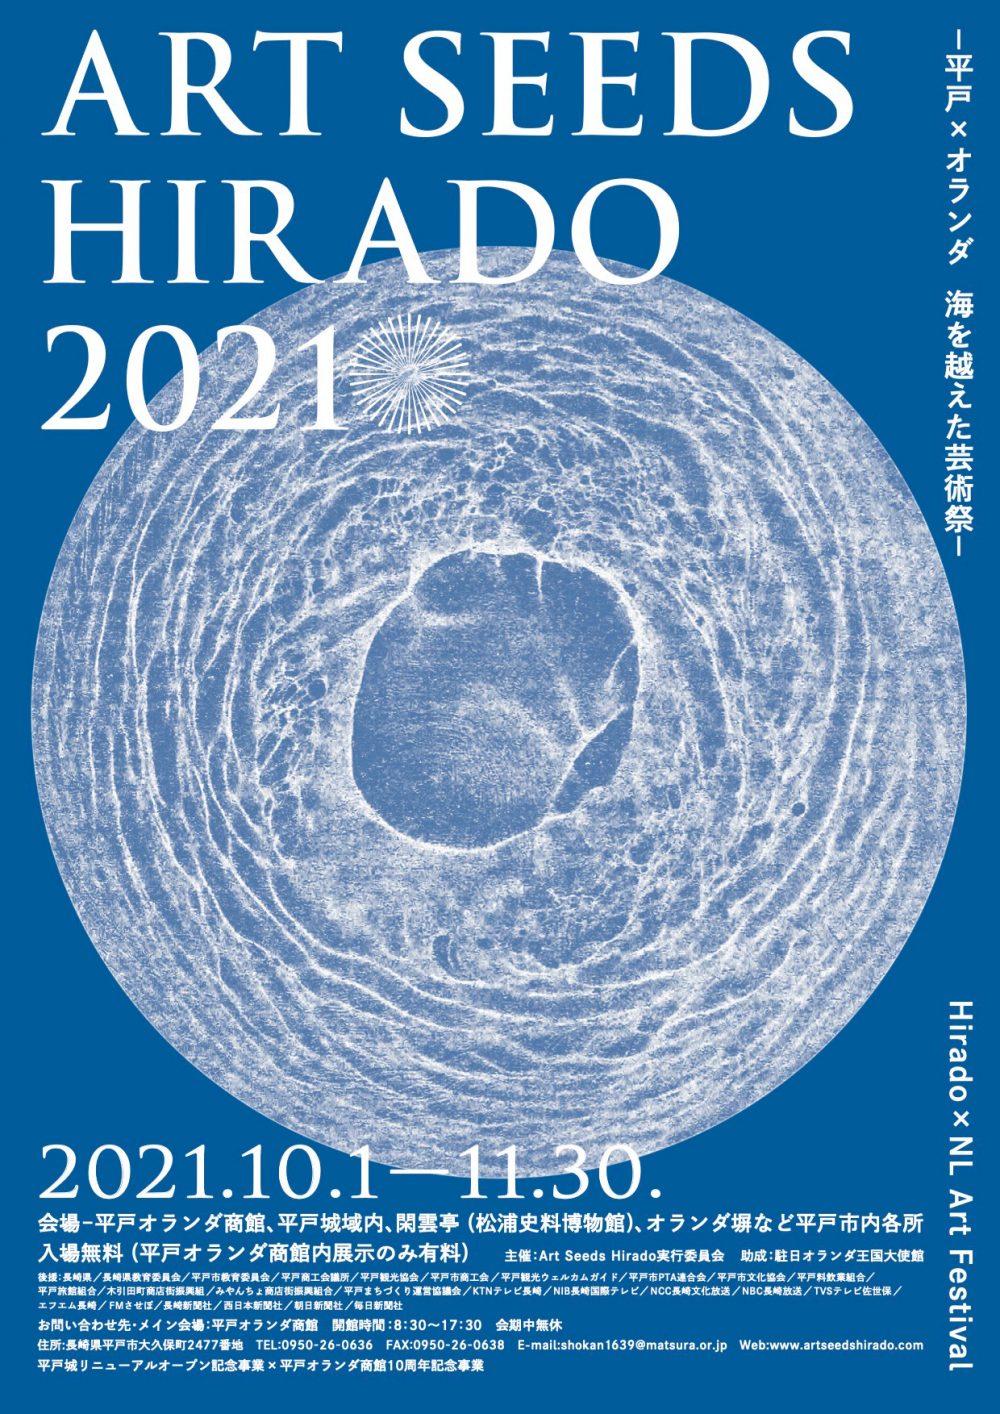 ART SEEDS HIRADO 2021